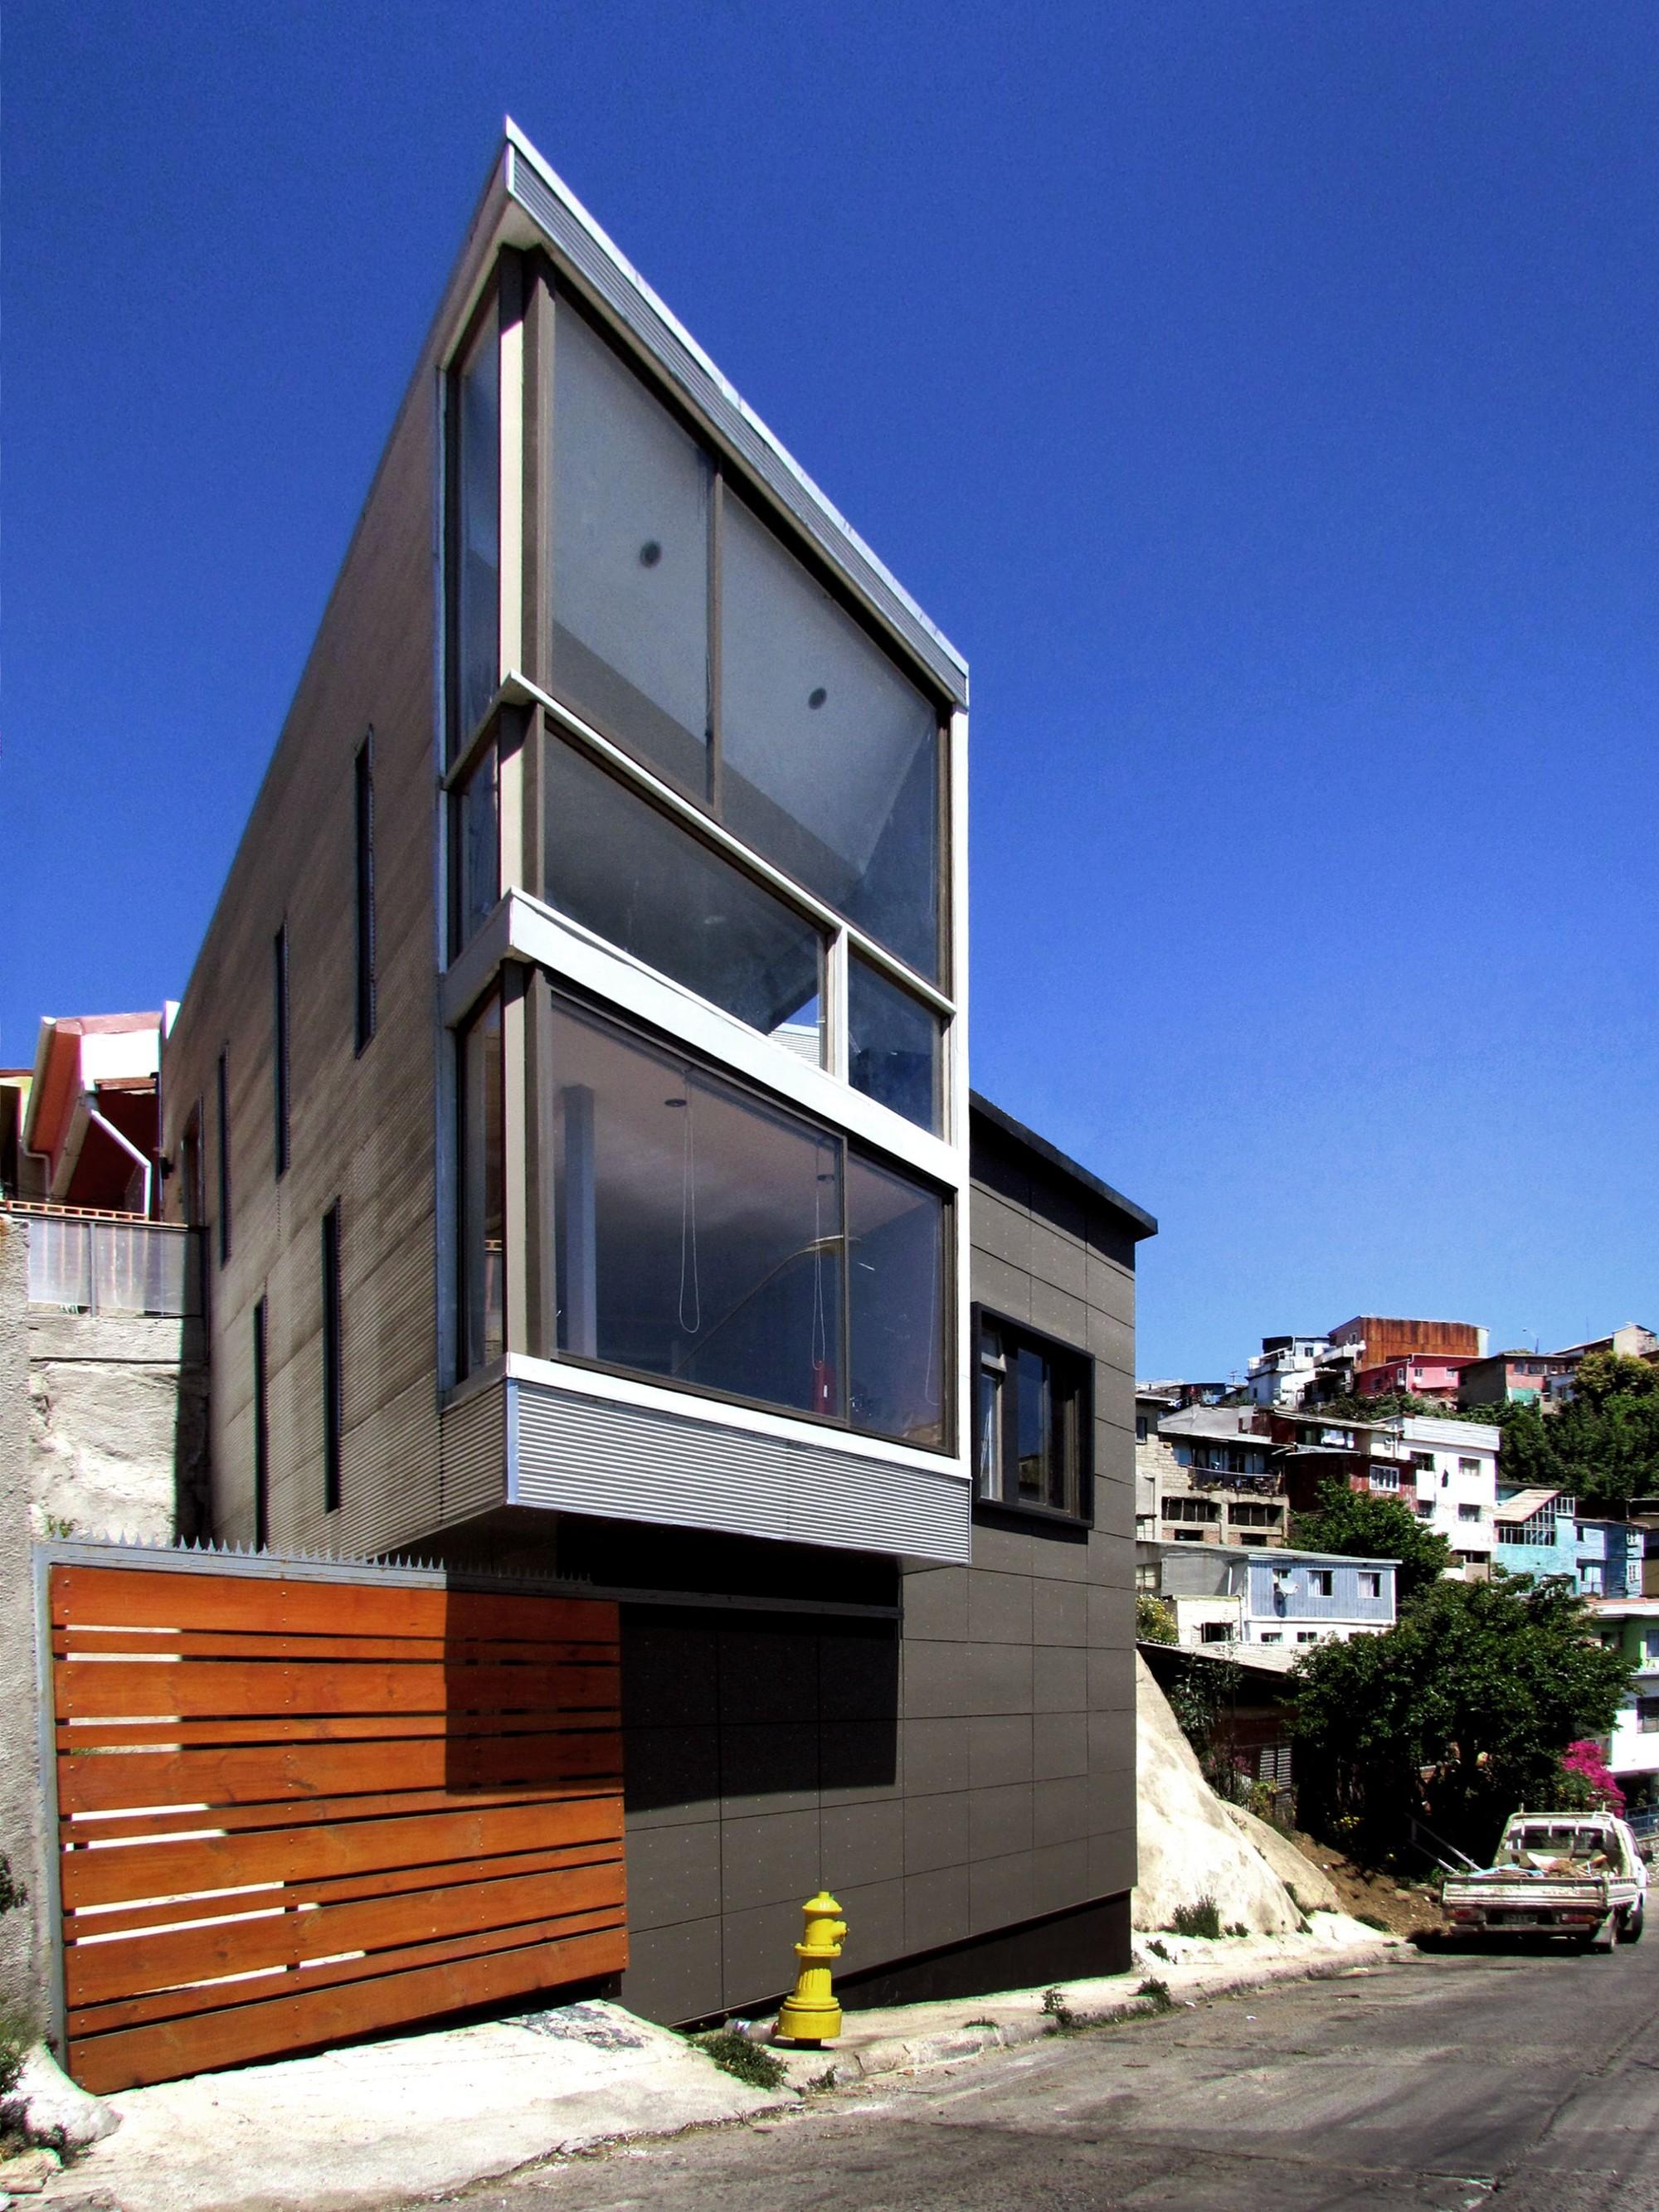 Casa monjas molo arquitectos plataforma arquitectura for Plataforma arquitectura